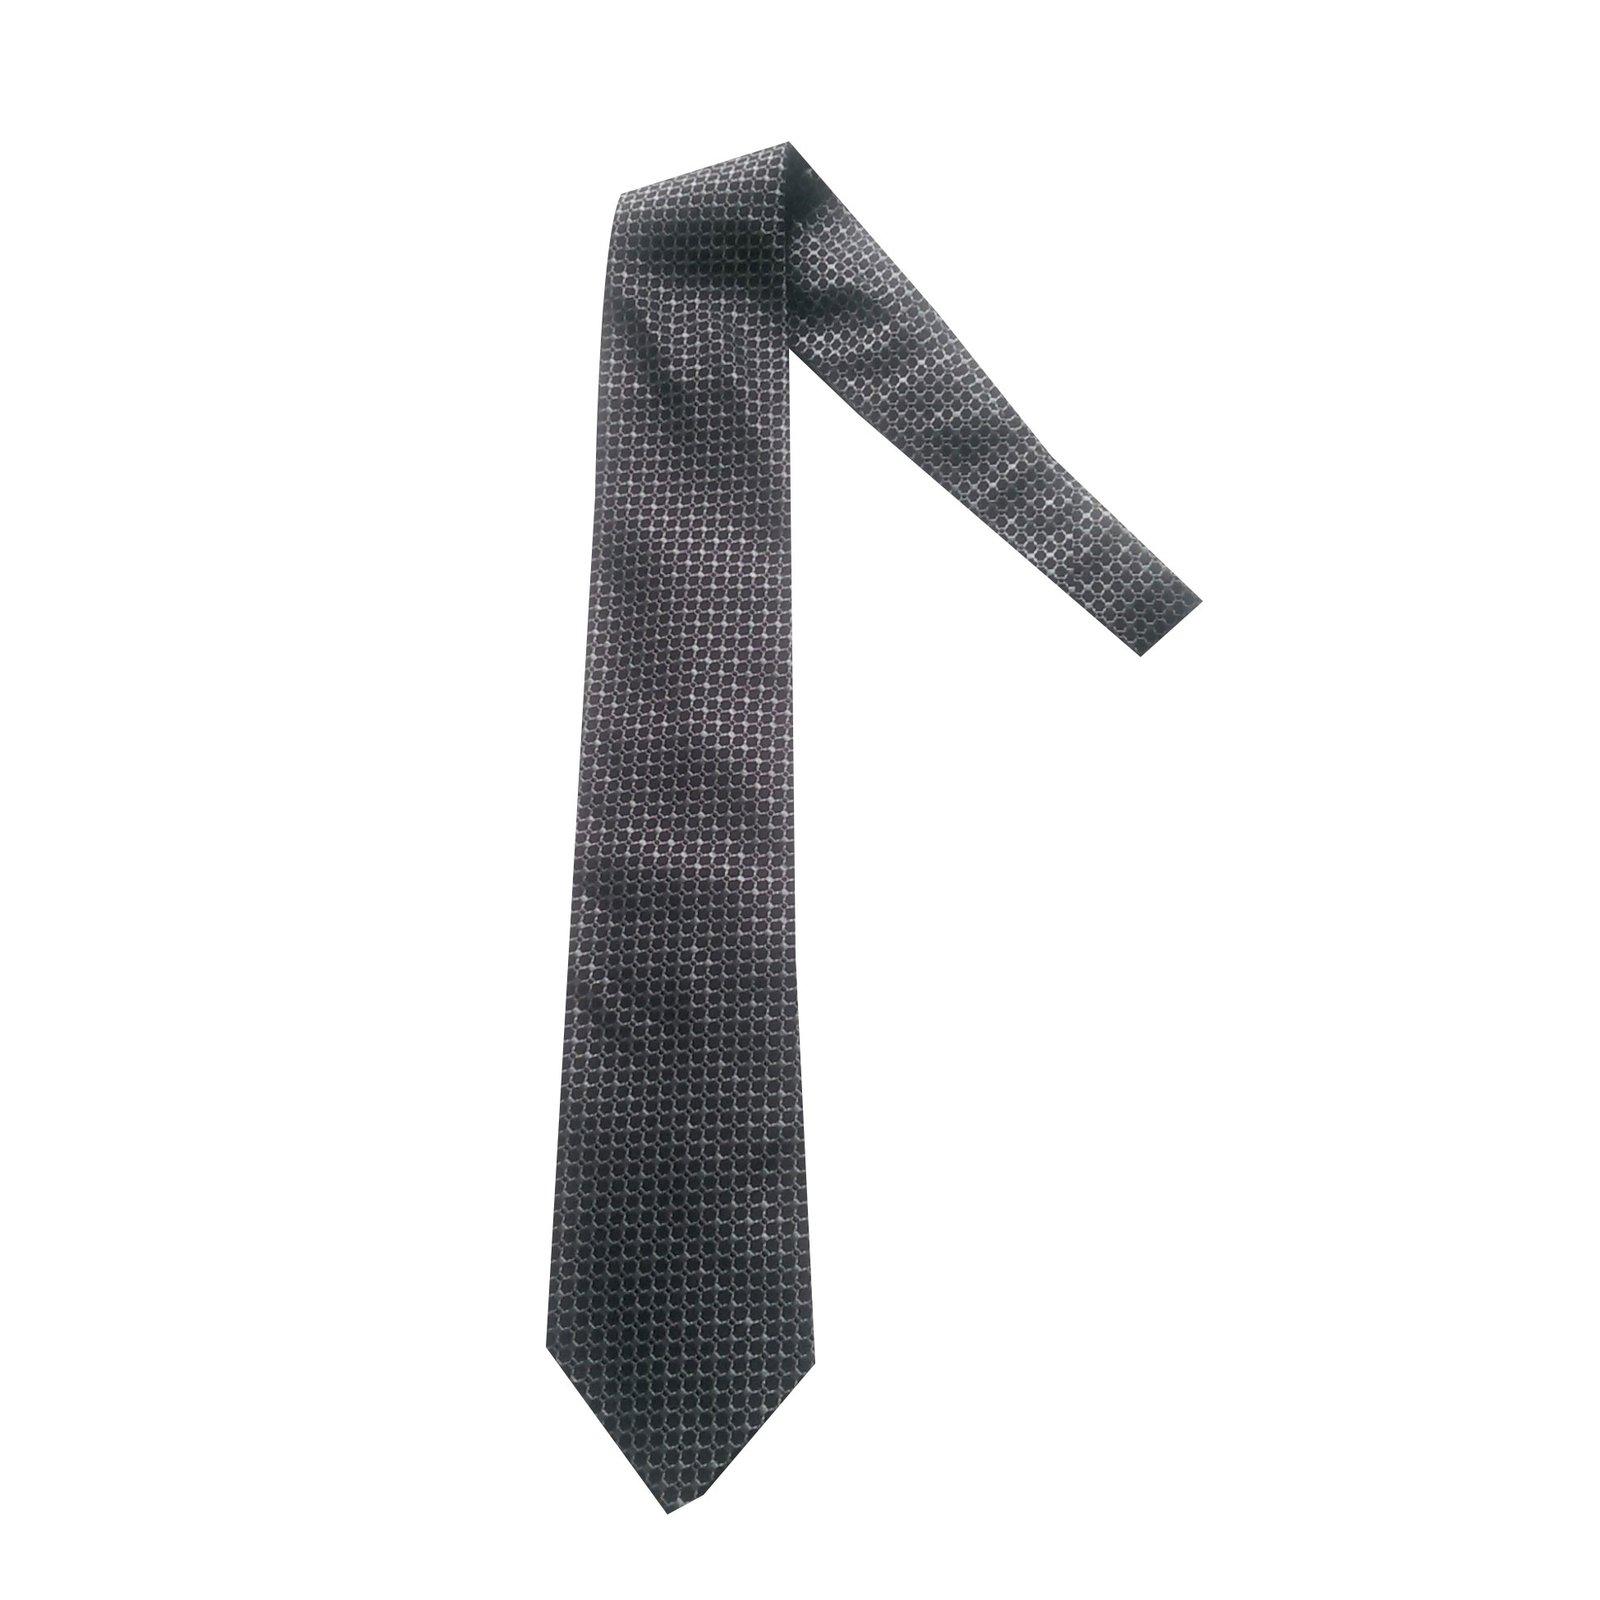 571e138e5f43 Cravates Hugo Boss Cravate Soie Noir,Bleu ref.47688 - Joli Closet